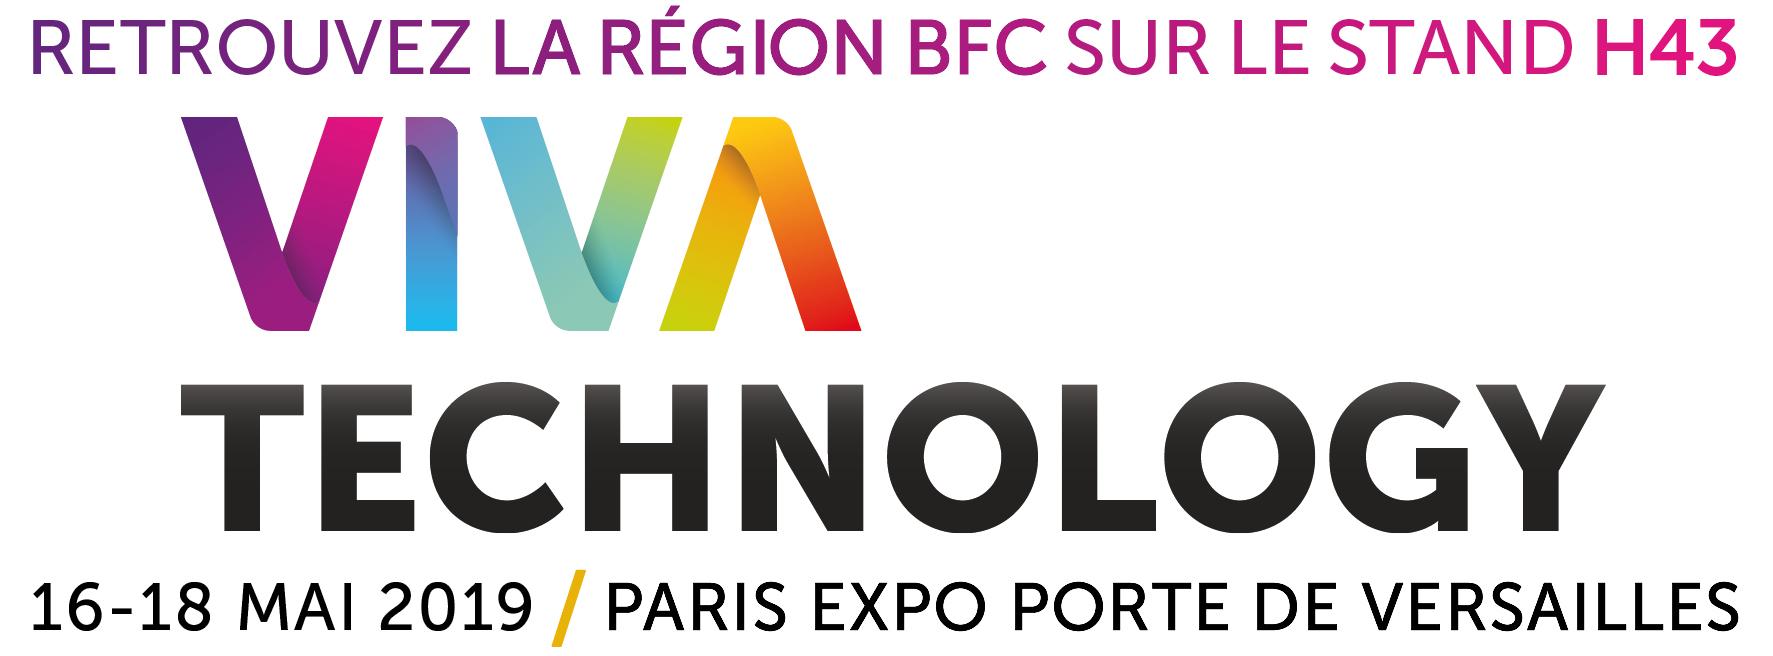 Retrouvez la région BFC au salon VivaTech